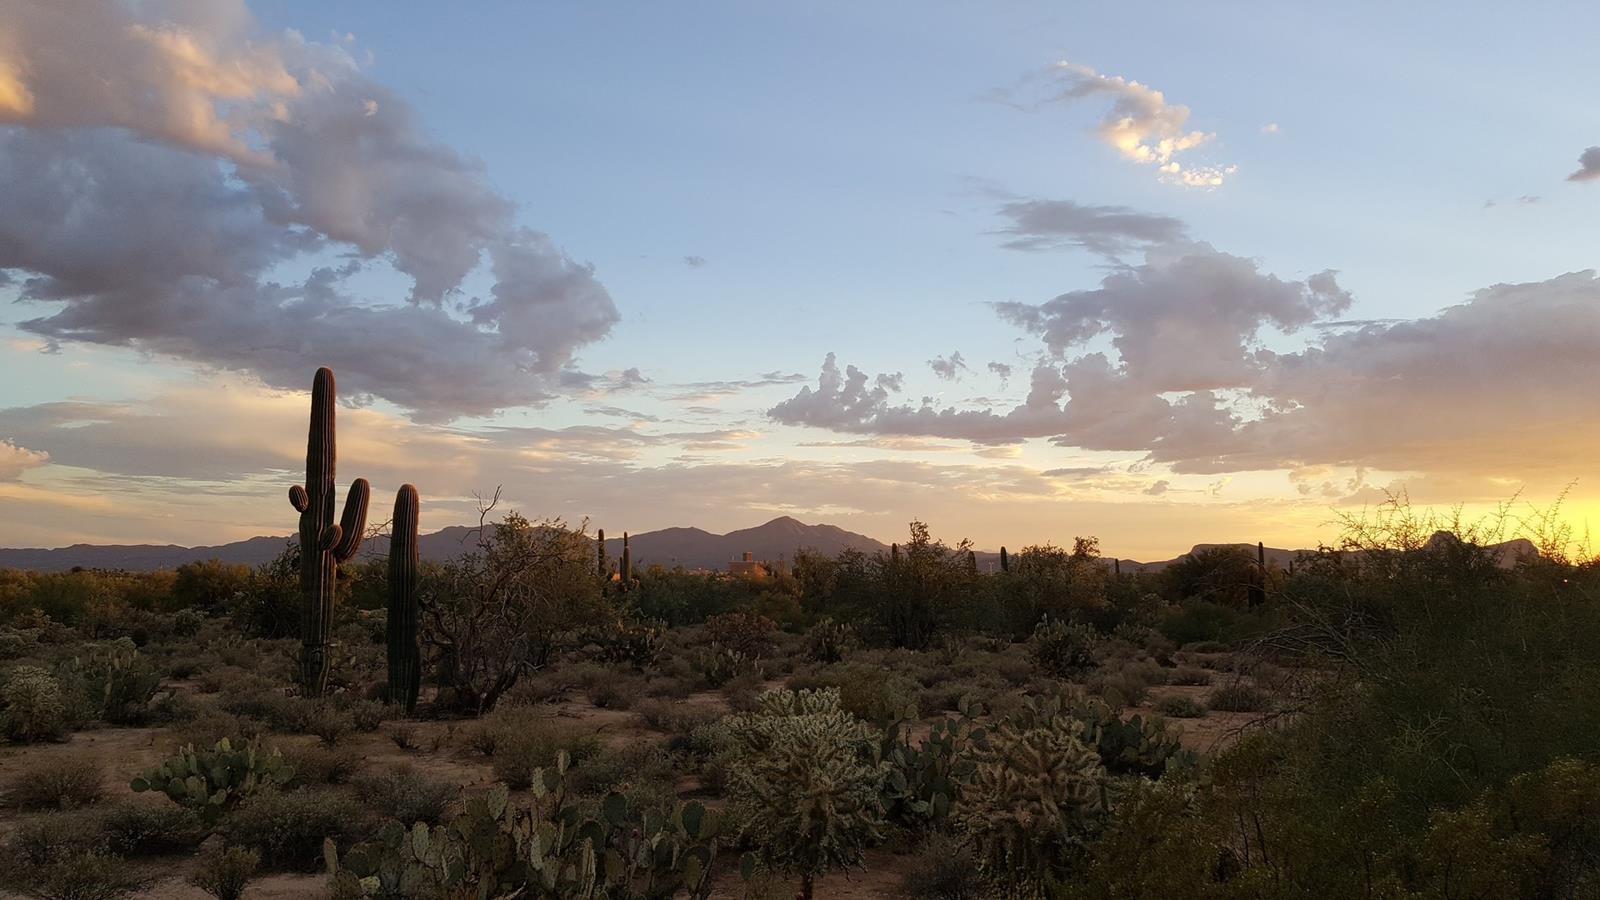 Saguaro cactus and sunset